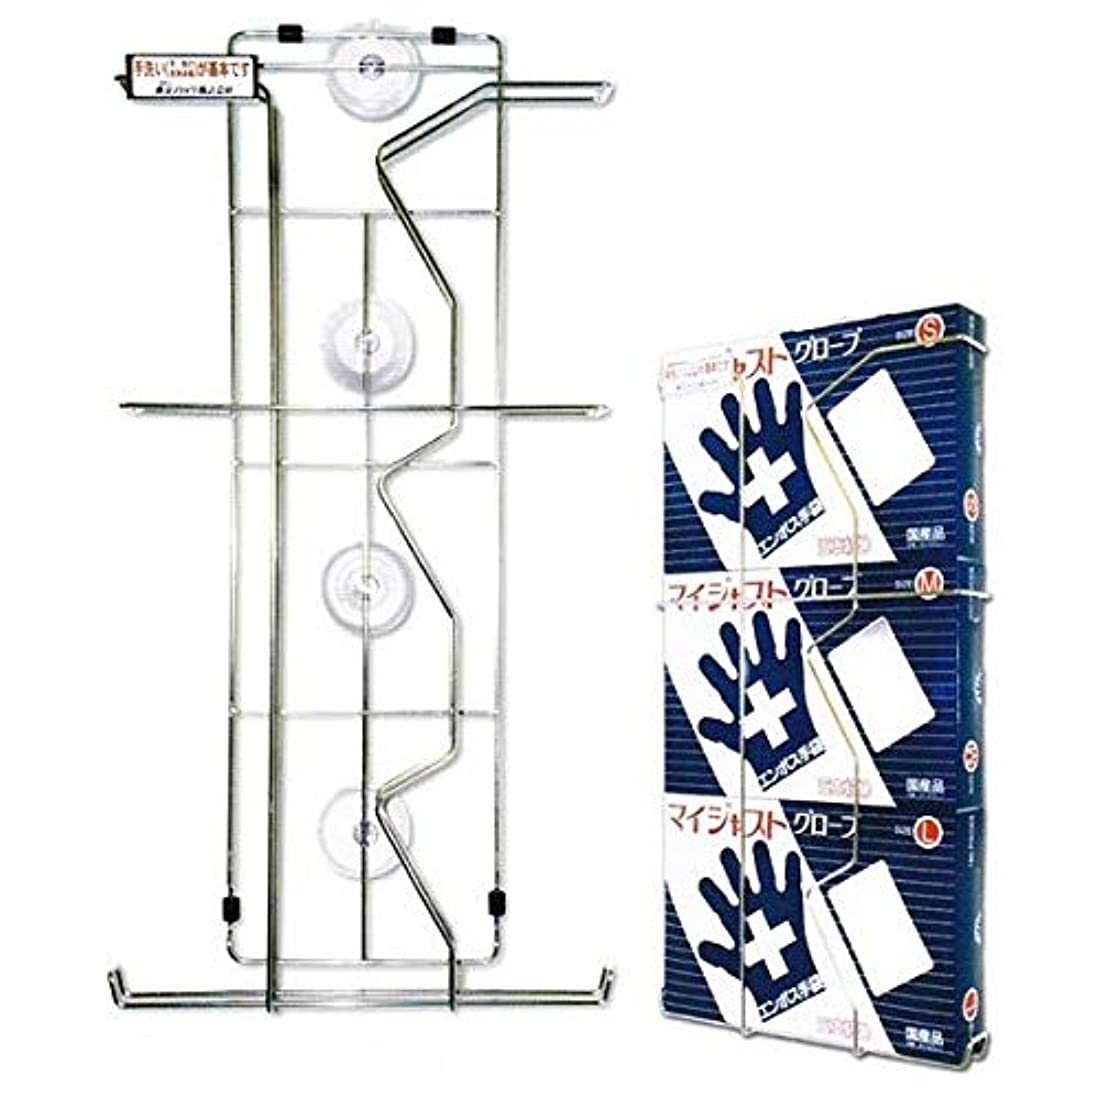 エンジンせせらぎタップエンボス手袋化粧箱 専用ハンガーD型 東京パック